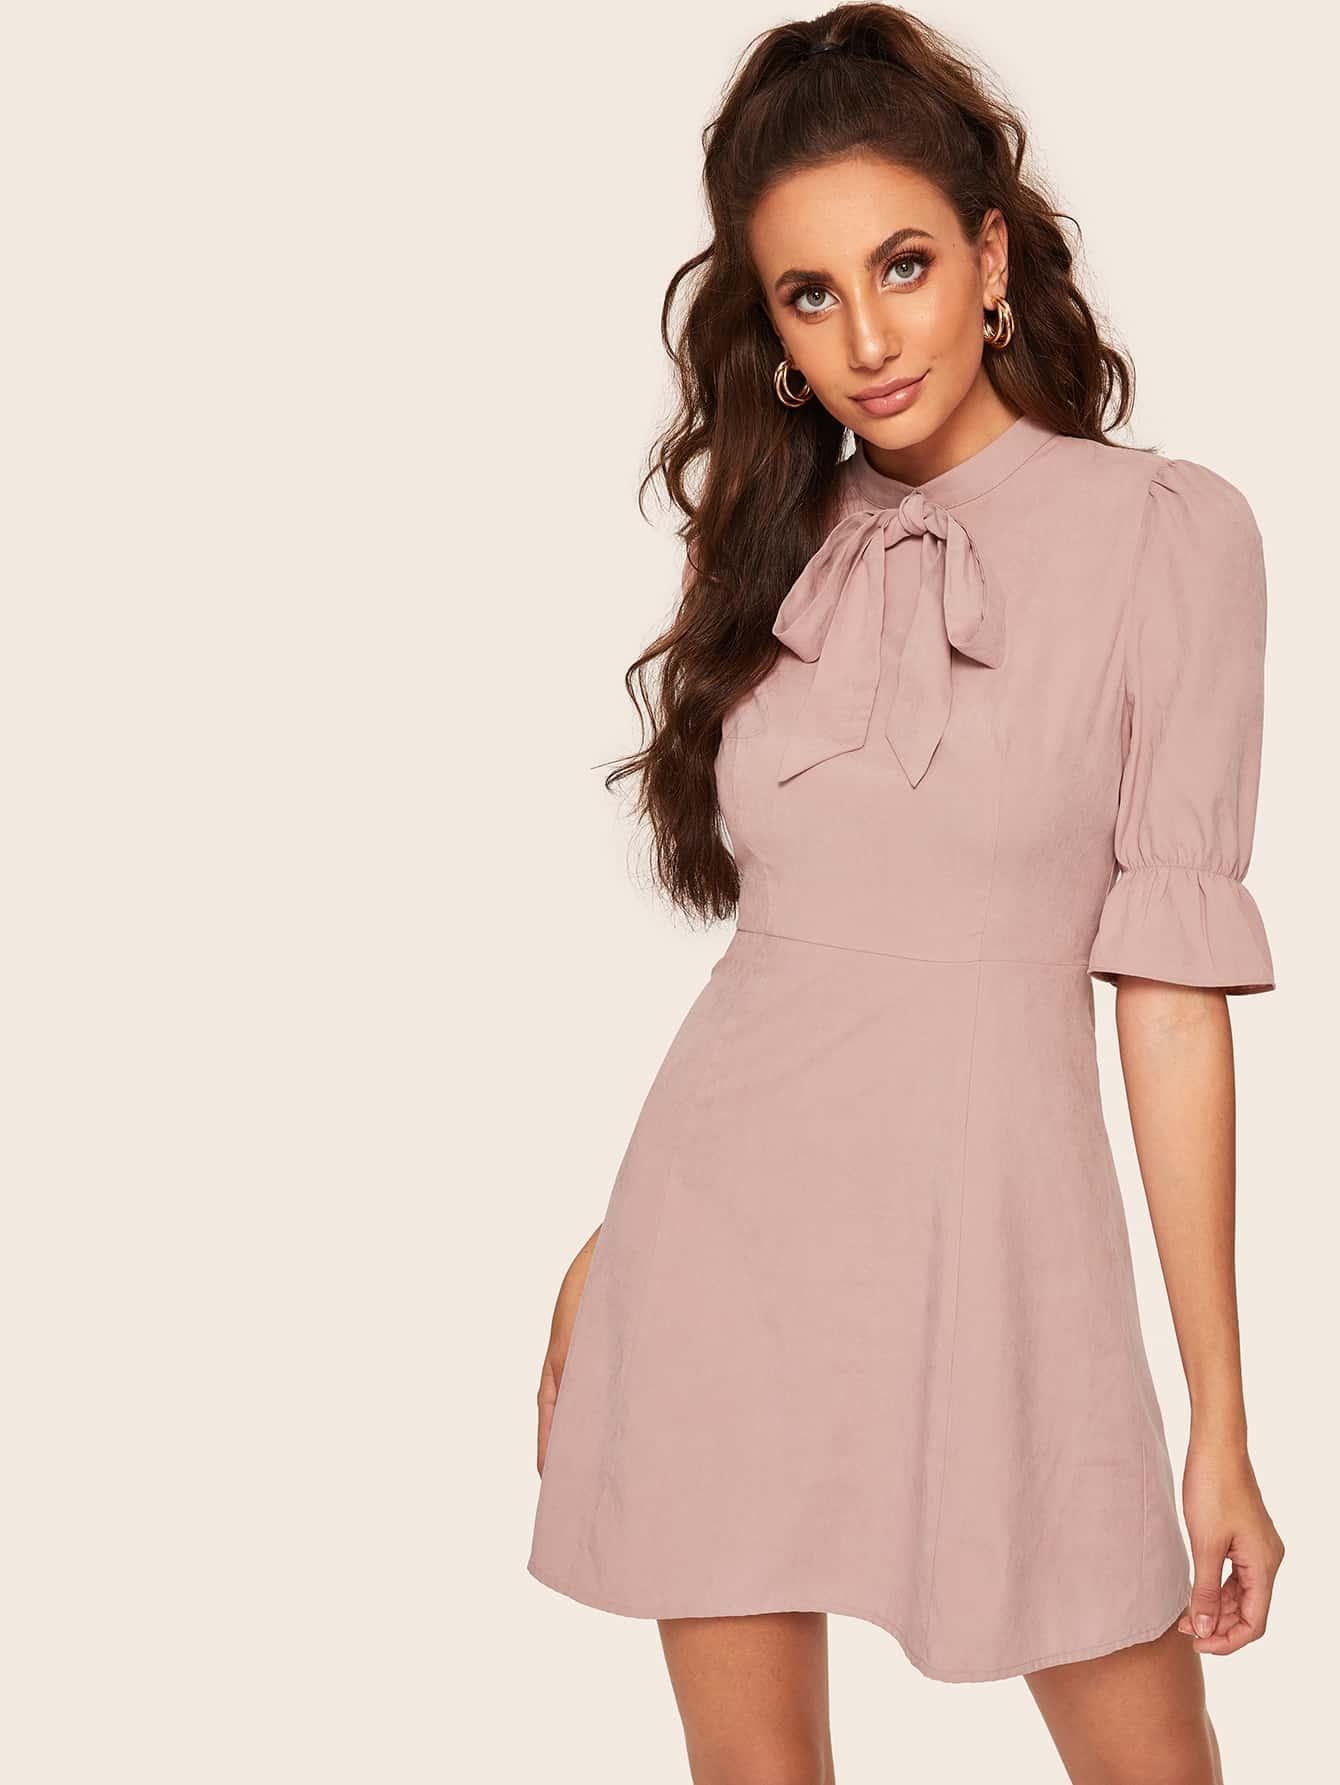 Купить Приталенное платьее-клёш с бантом и оборкой, Mariana D, SheIn